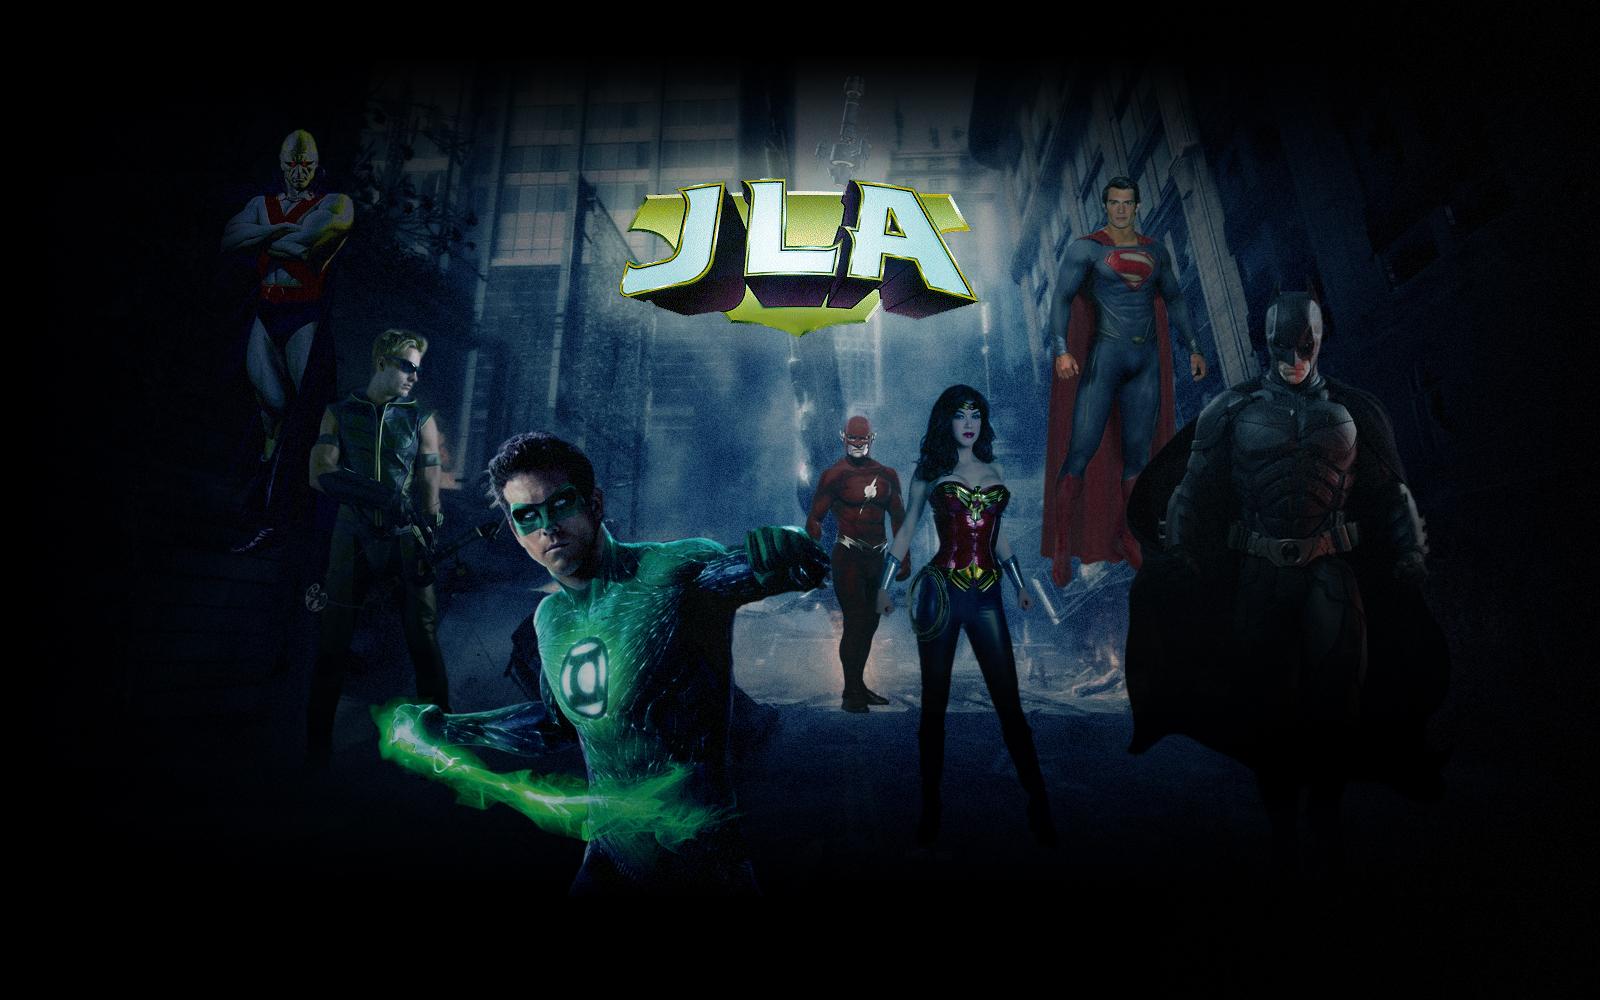 Justice League Vs Avengers Wallpaper